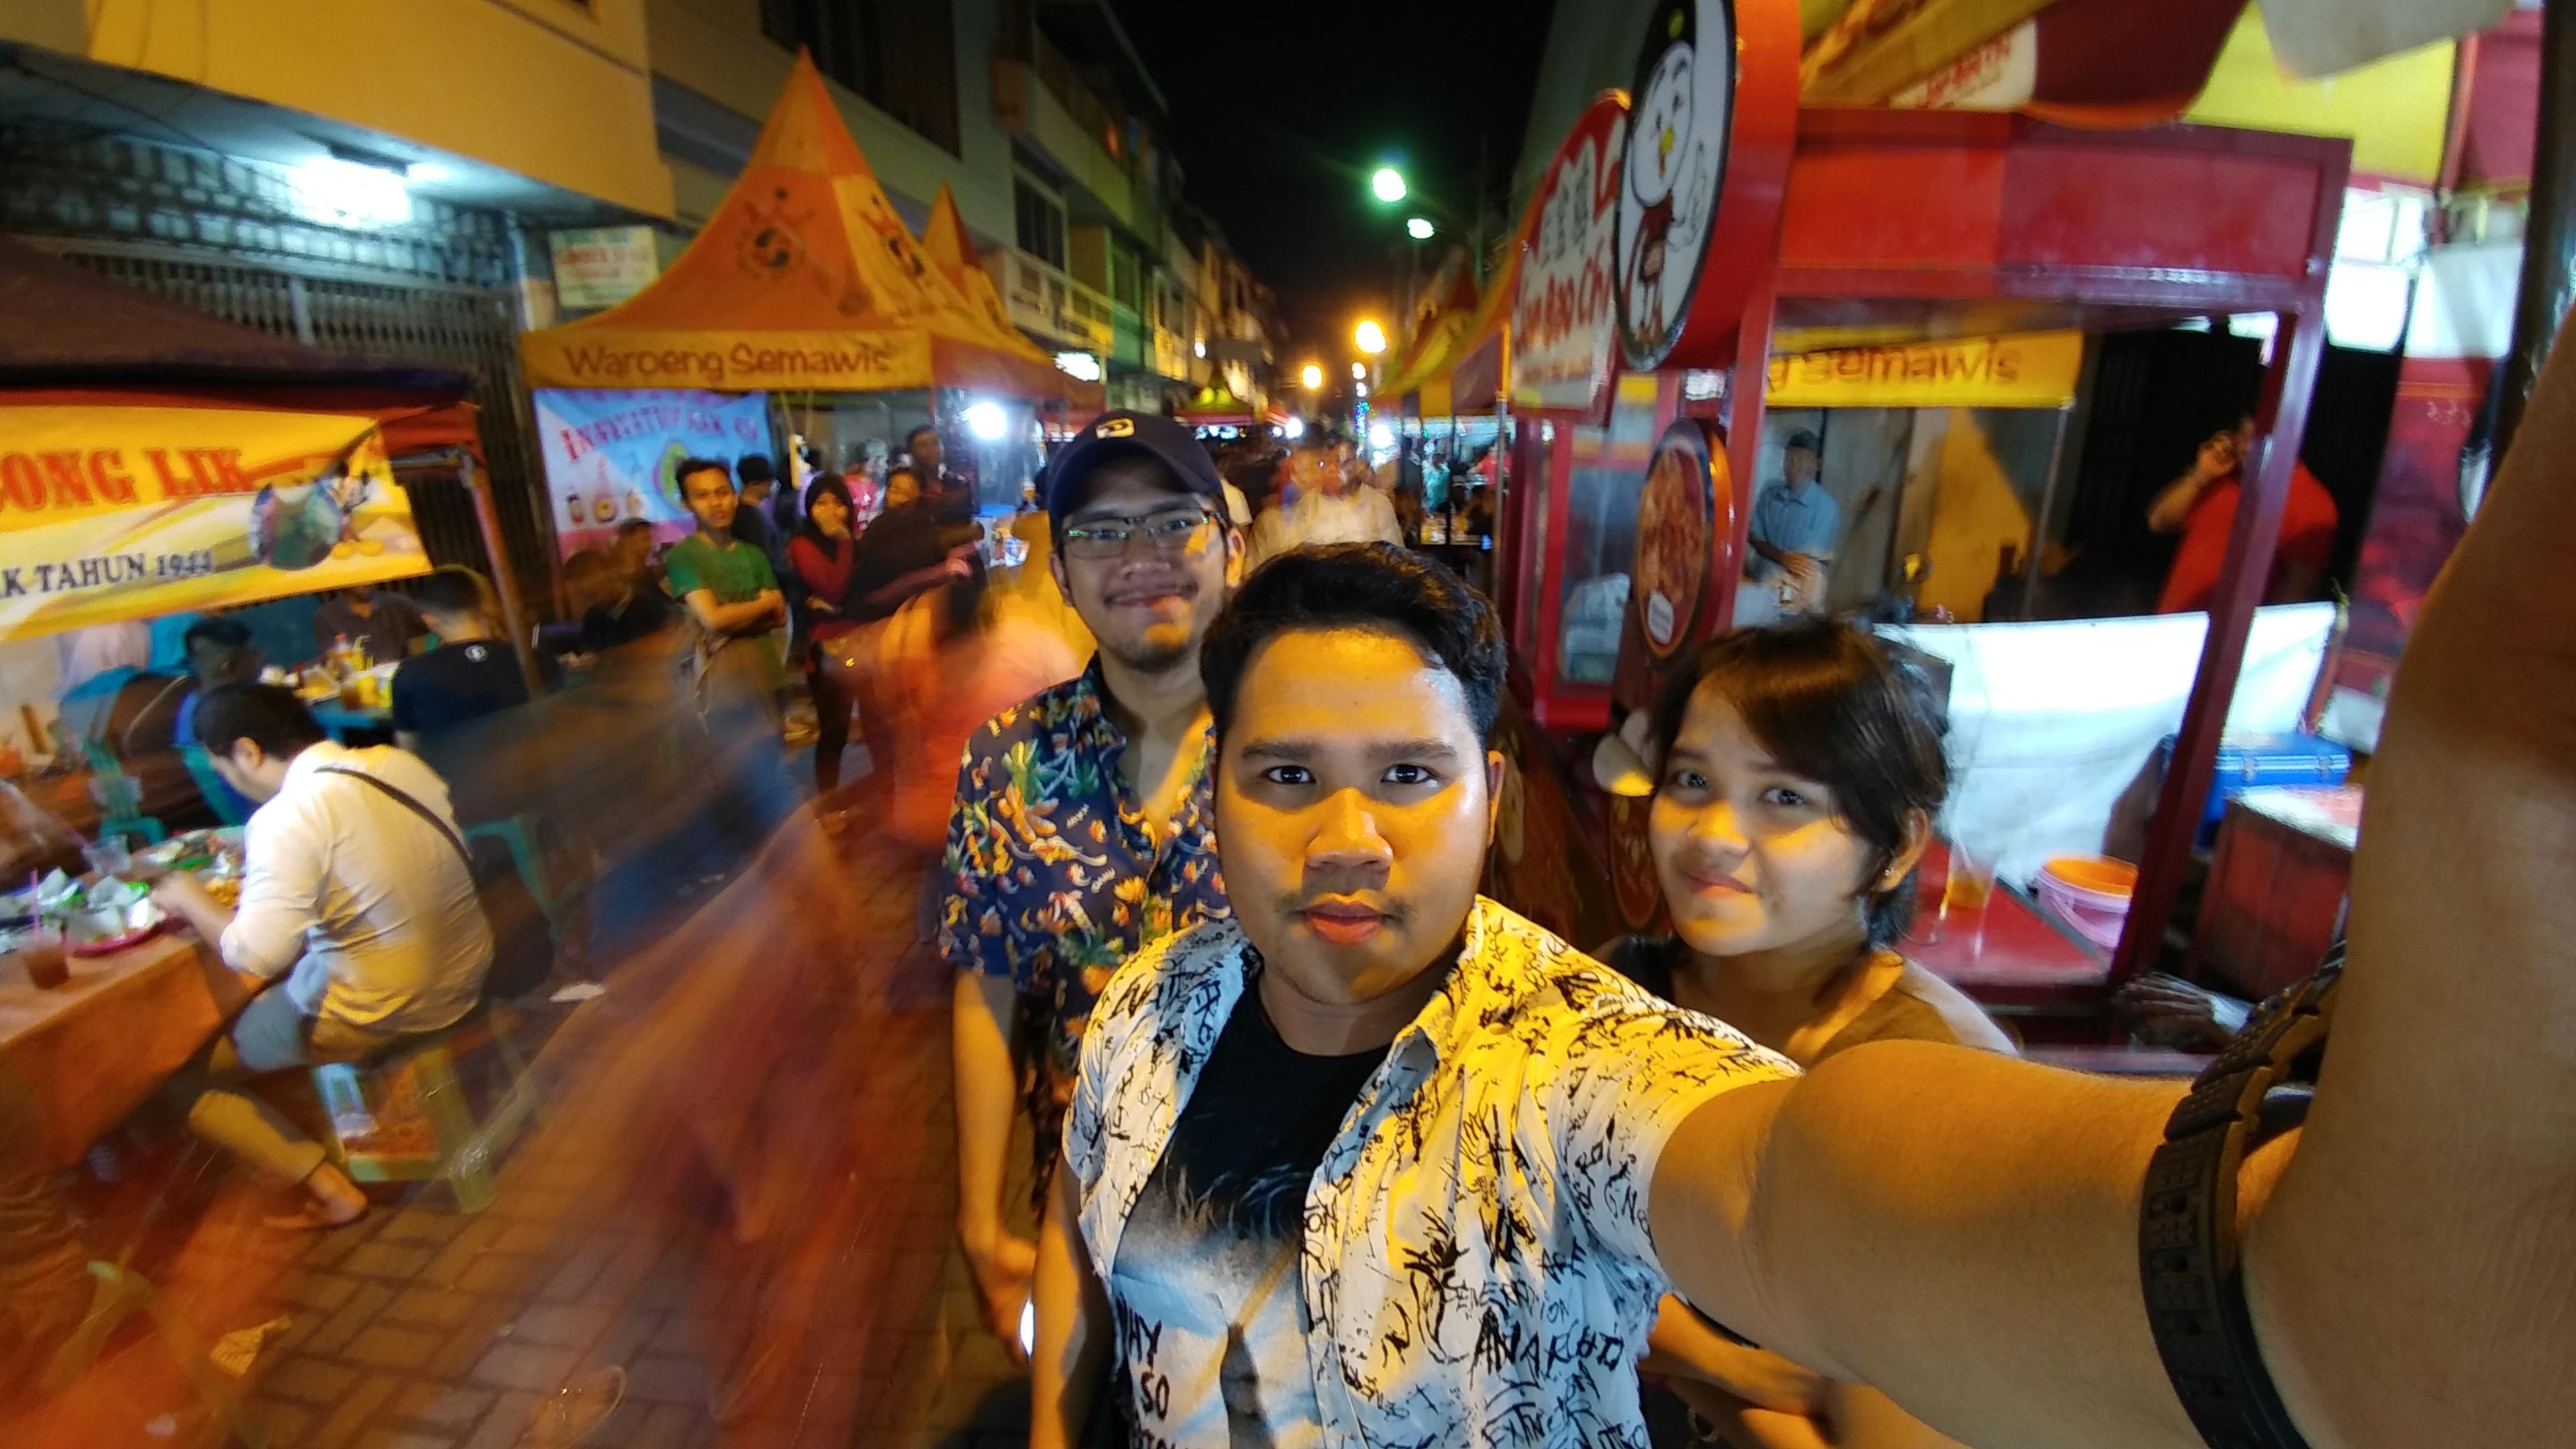 Semawis Chinatown